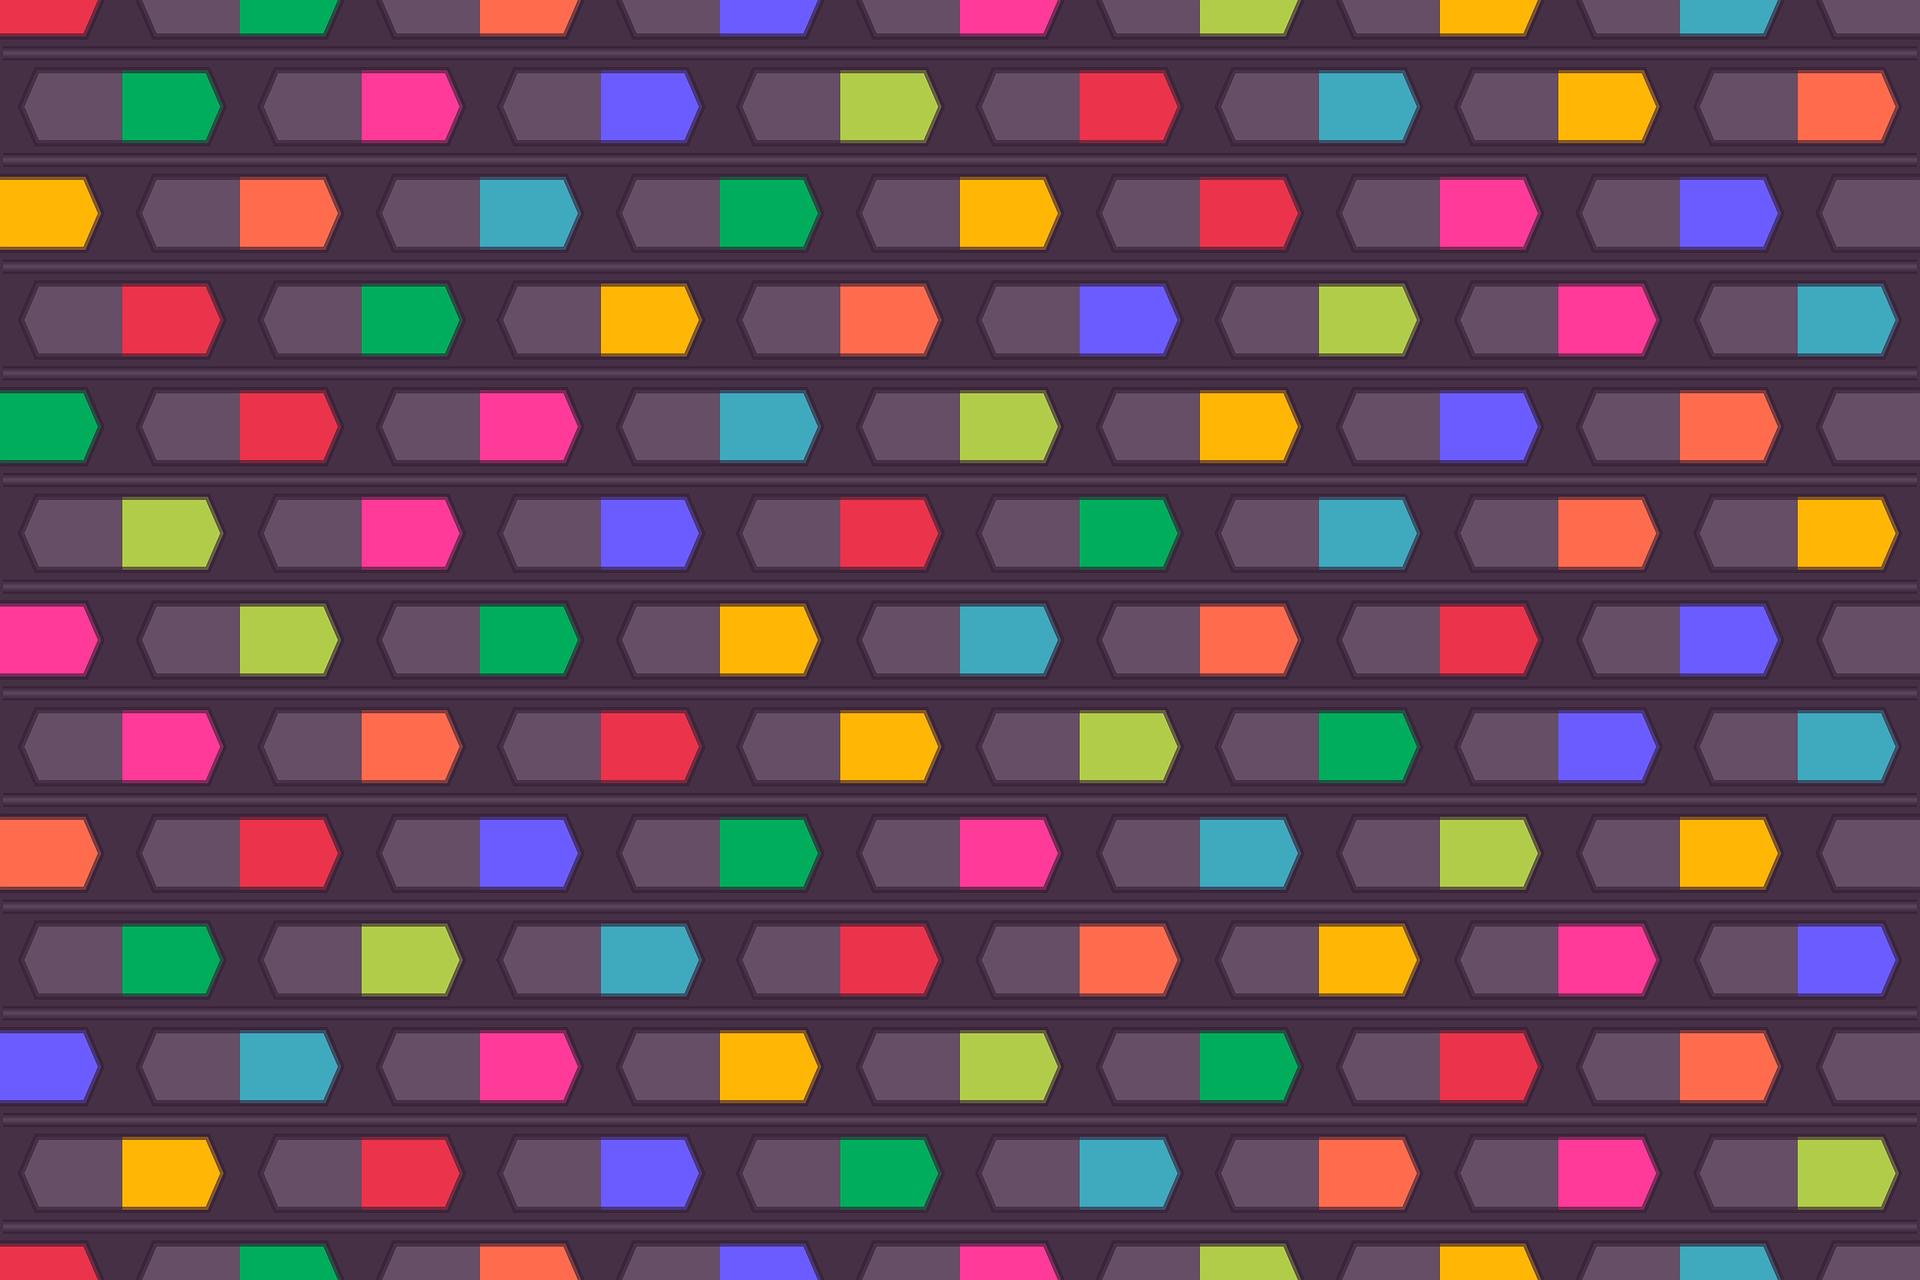 геометрия, цвета, геометрических, Синий, Жёлтый - Обои HD - Профессор falken.com